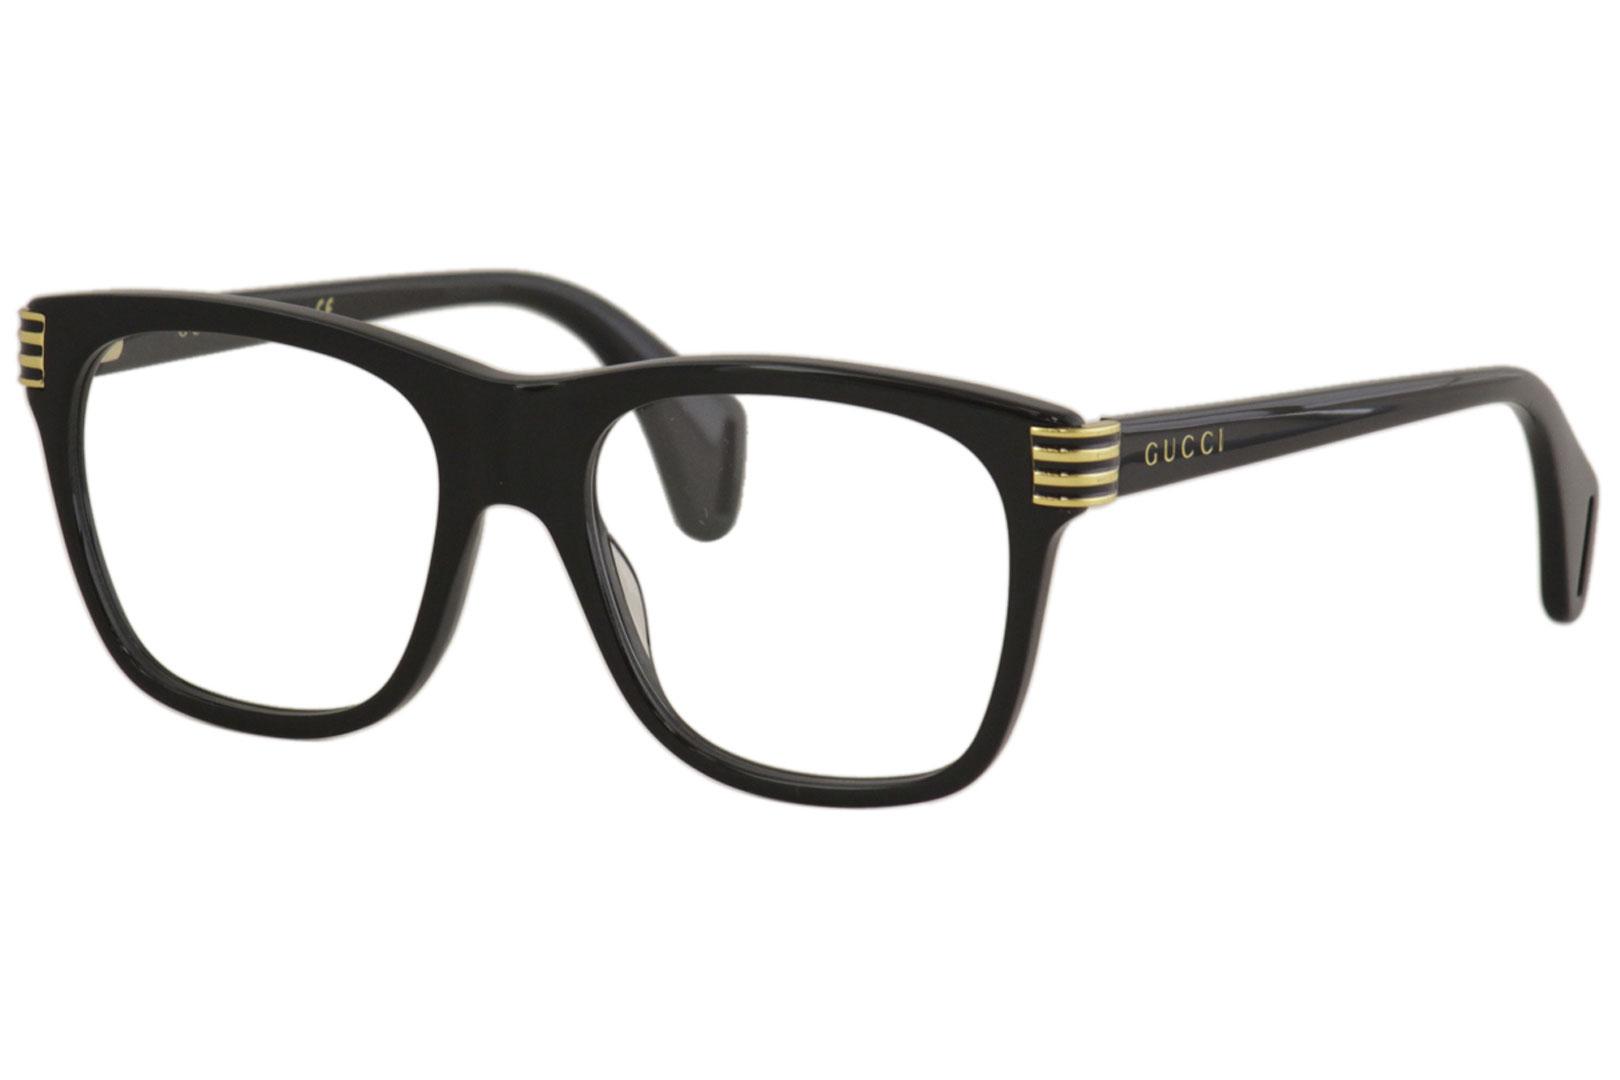 Gucci - Occhiale da Vista Uomo, Matte Black  GG0526O  001  C54